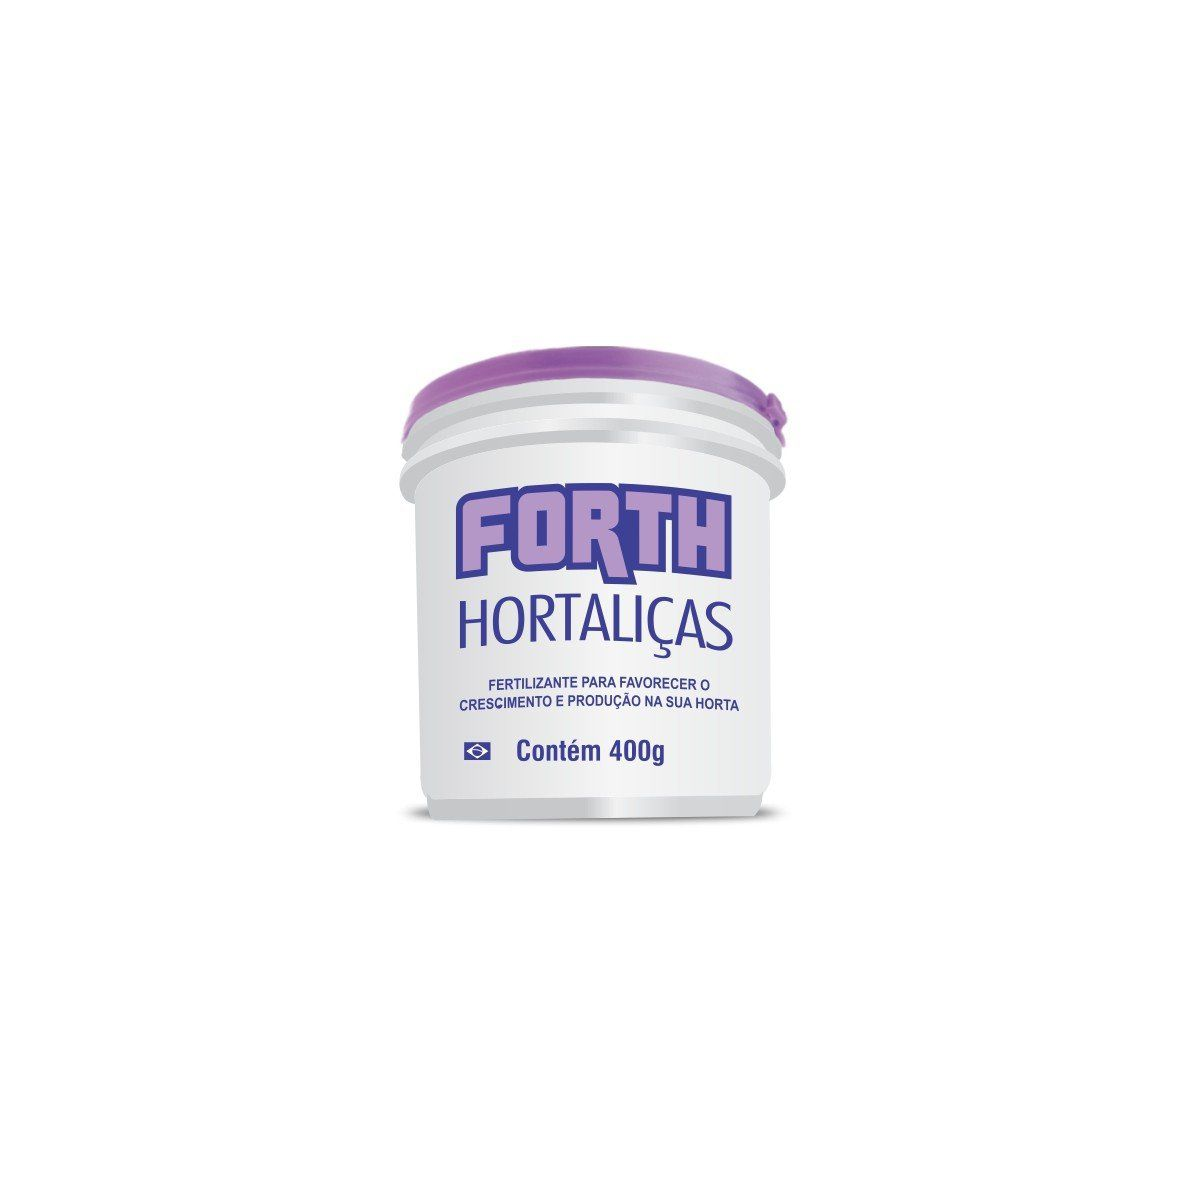 Adubo Fertilizante para Hortaliças - FORTH Hortaliças - 400g